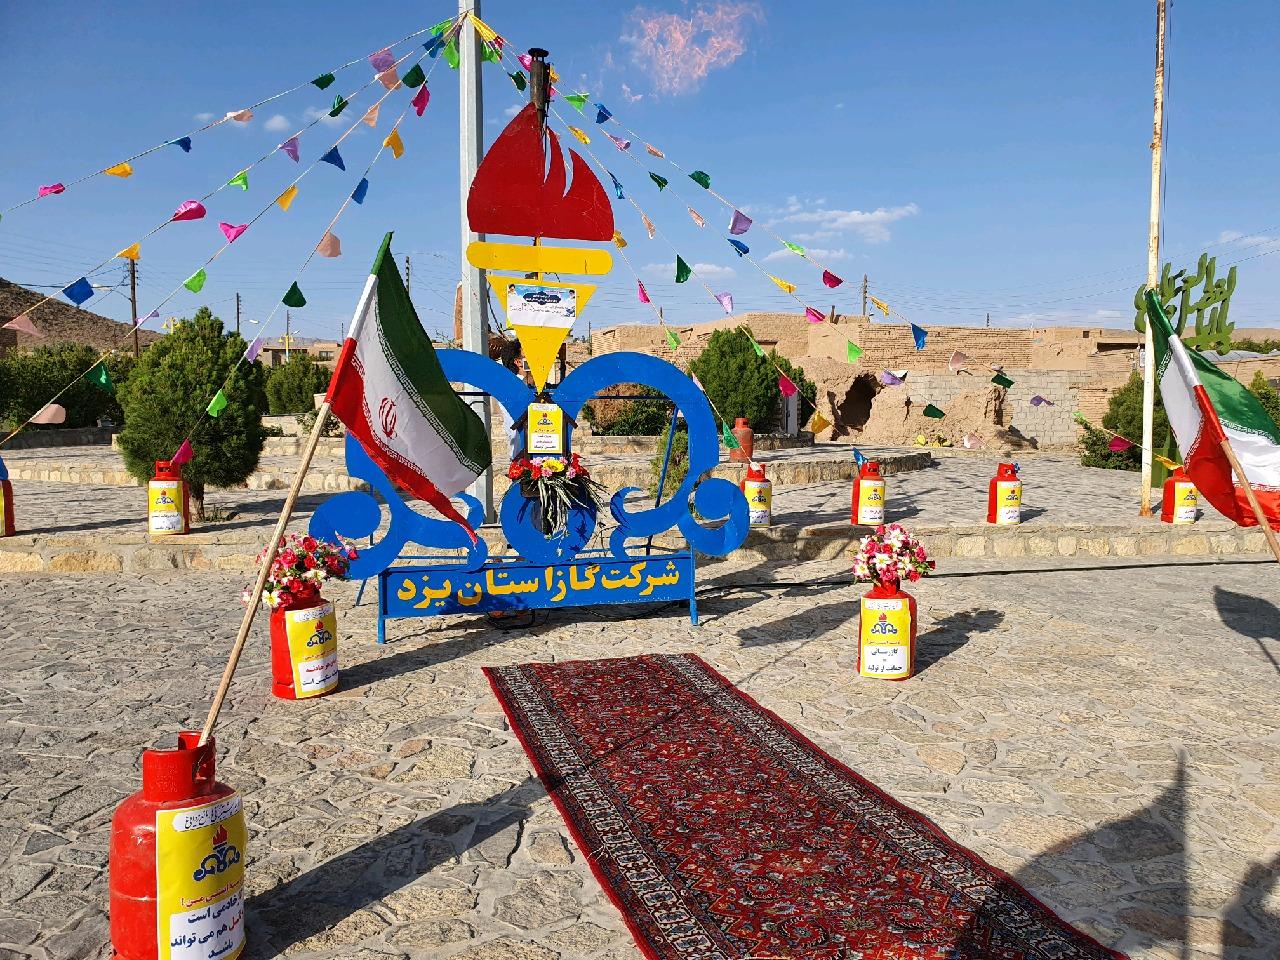 افتتاح ۱۶۹ طرح شرکت گاز در استان یزد